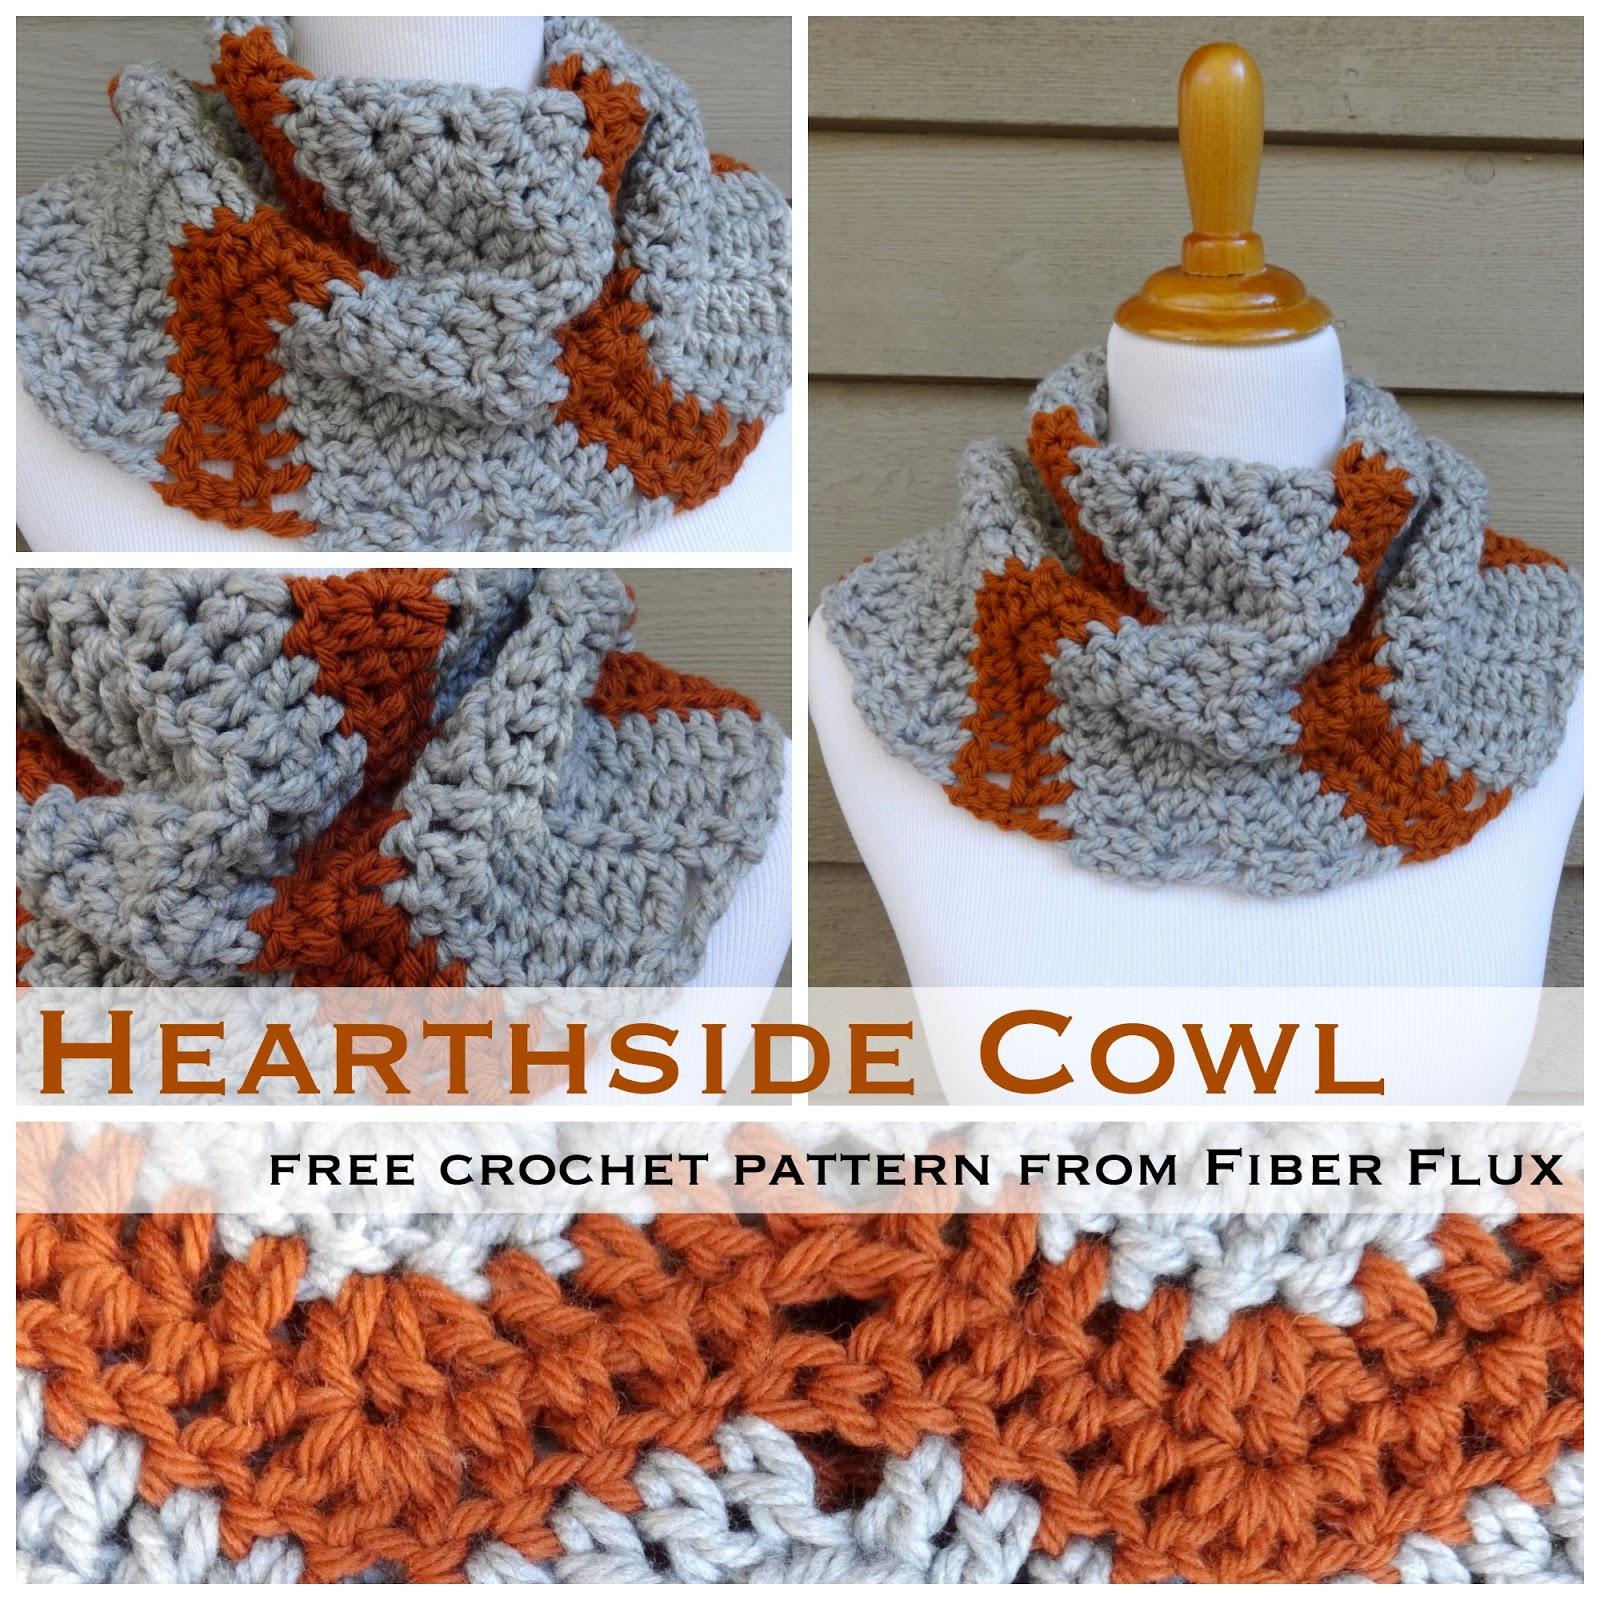 Fiber flux free crochet patternhearthside cowl free crochet patternhearthside cowl bankloansurffo Gallery